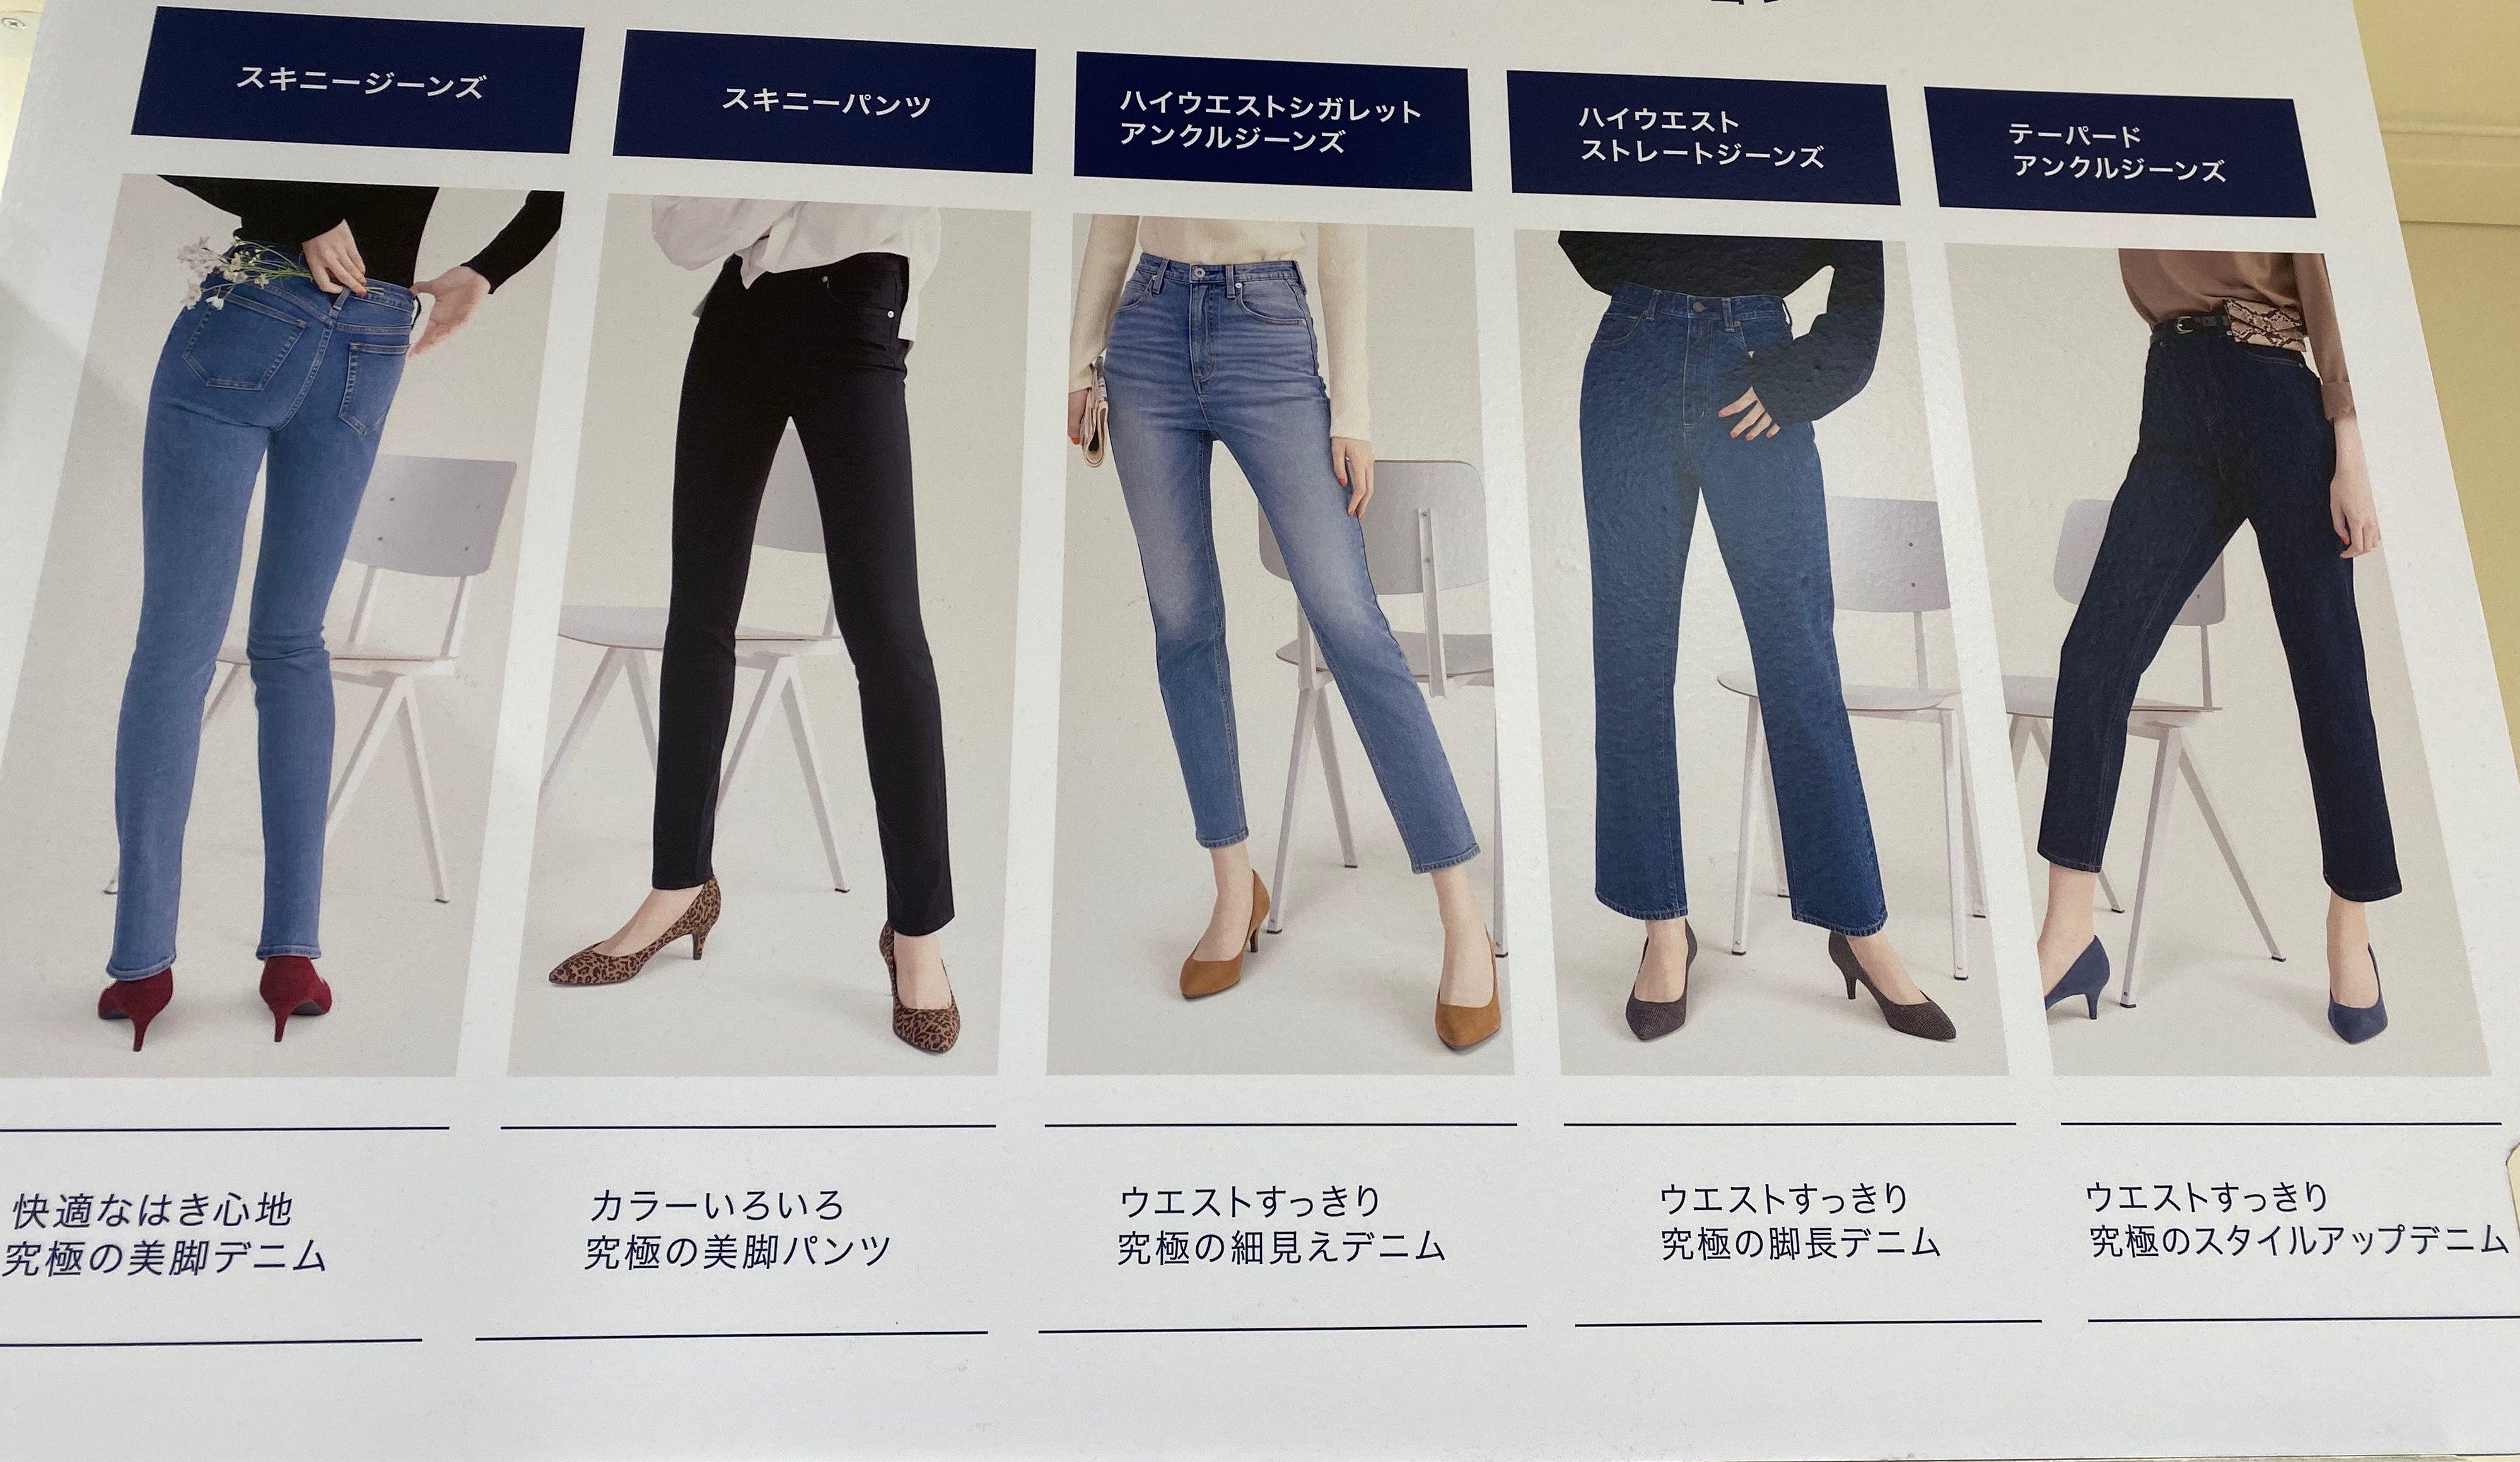 もう迷わないパンツの形 パンツ ファッション